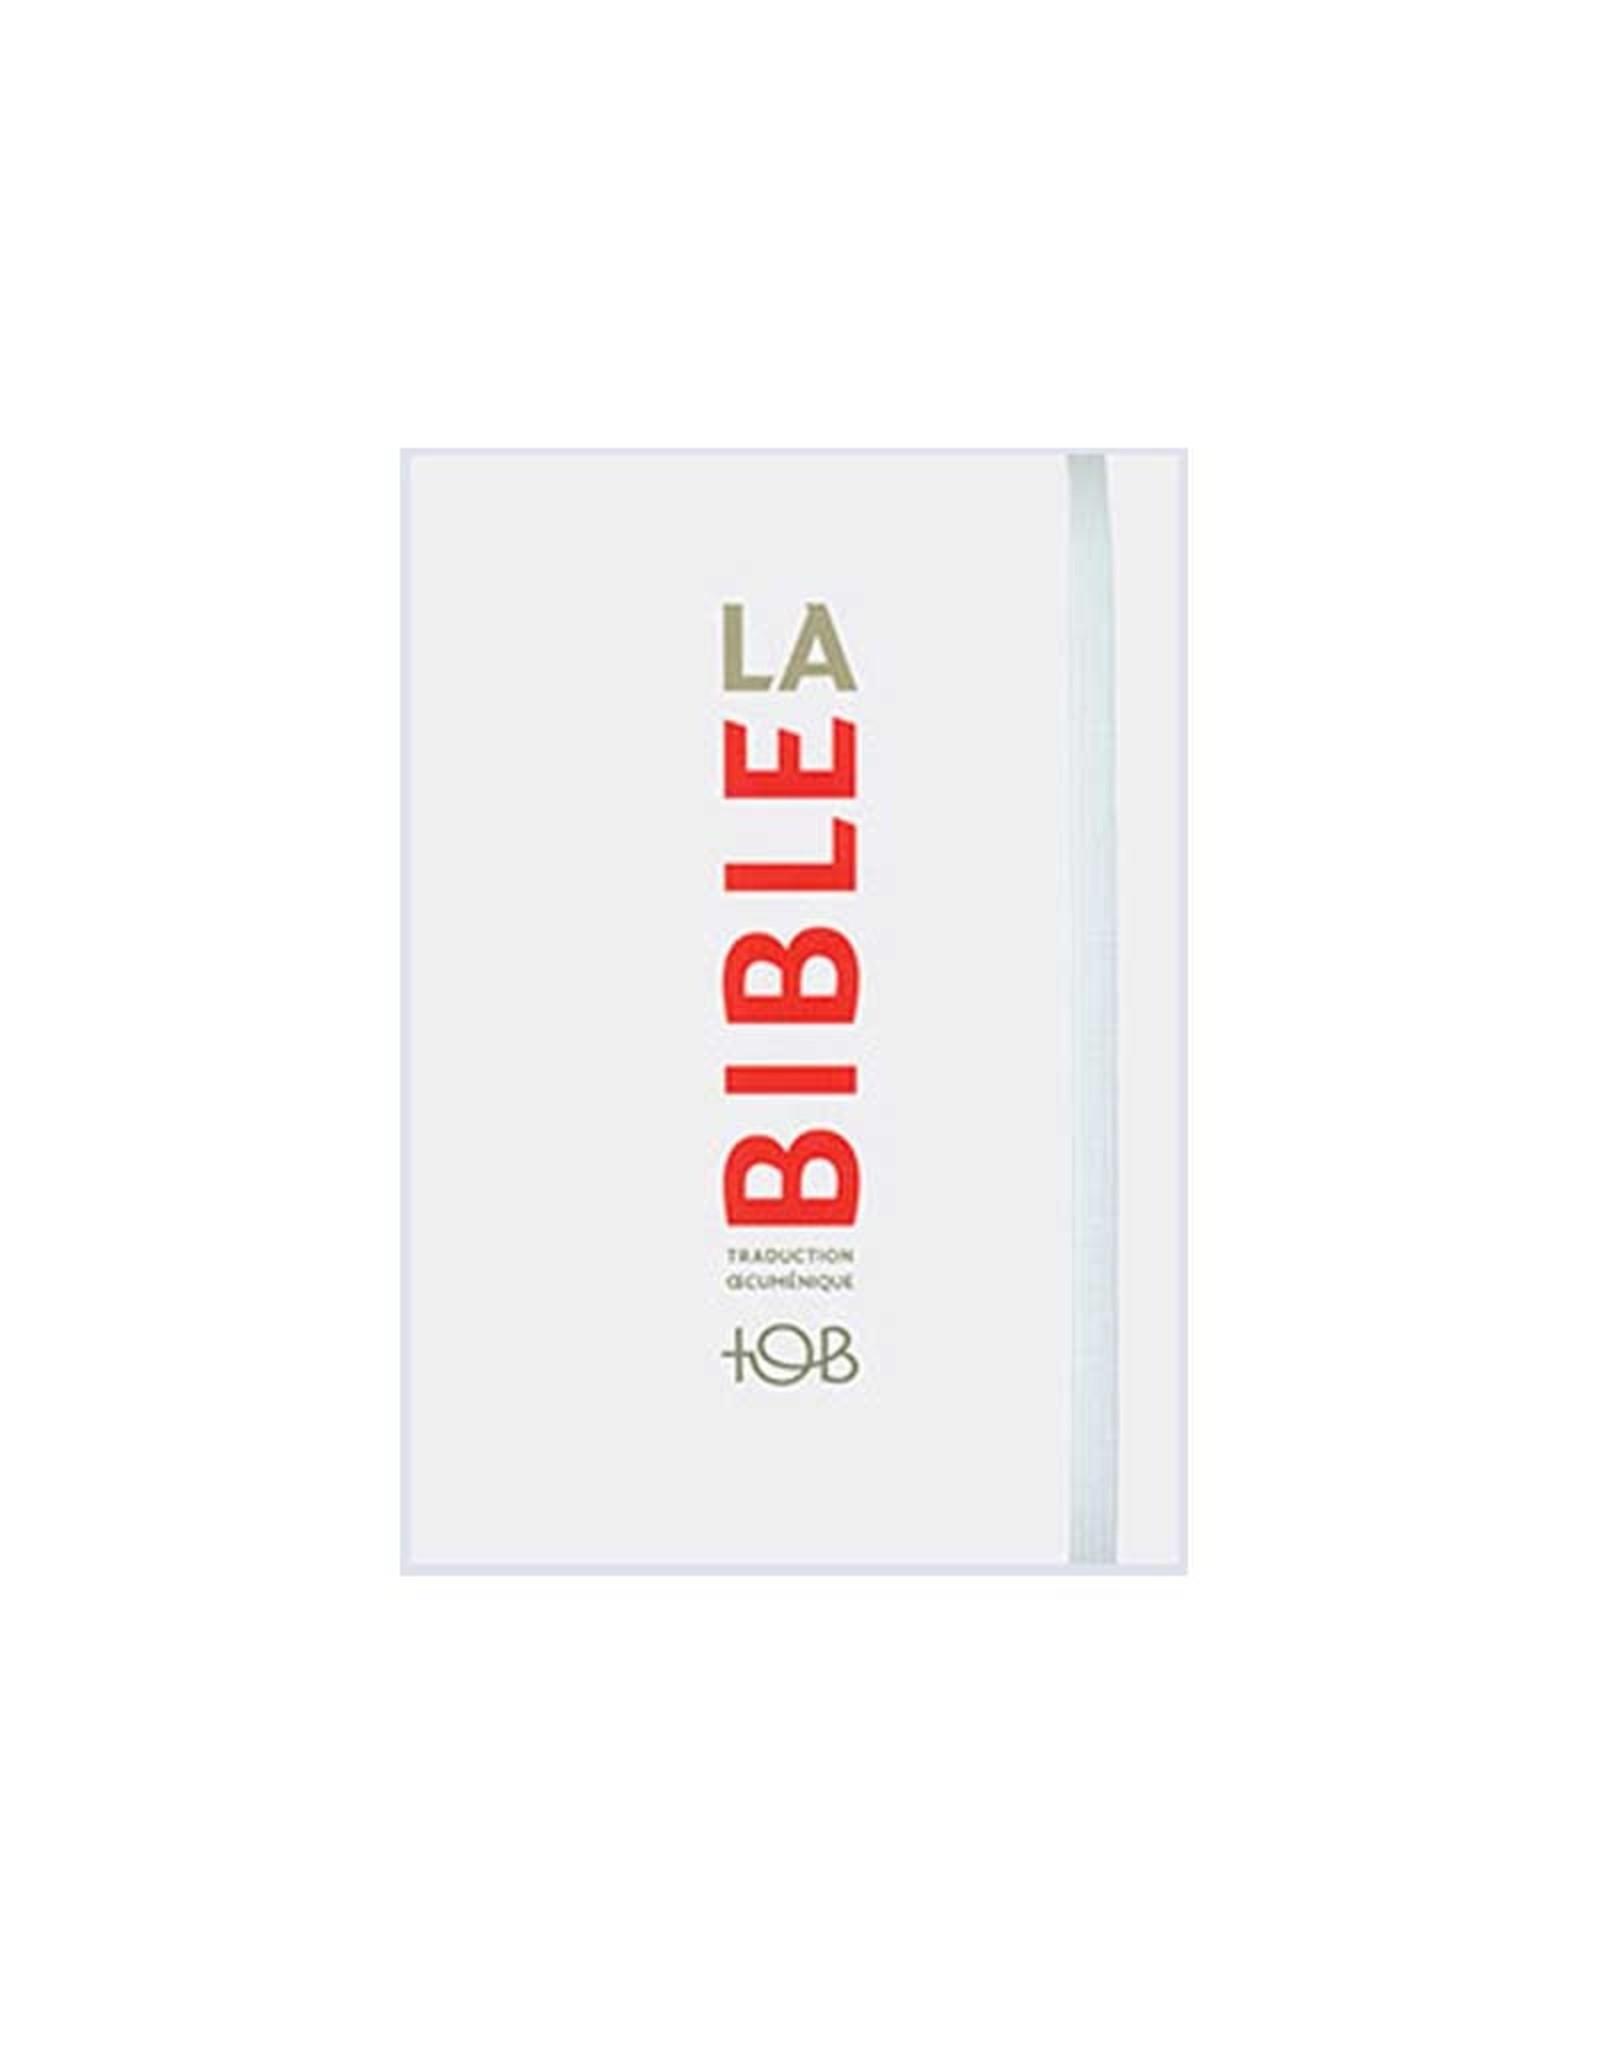 Société Biblique / Bible Society La Bible de TOB Traduction Oecuménique blanc format poche